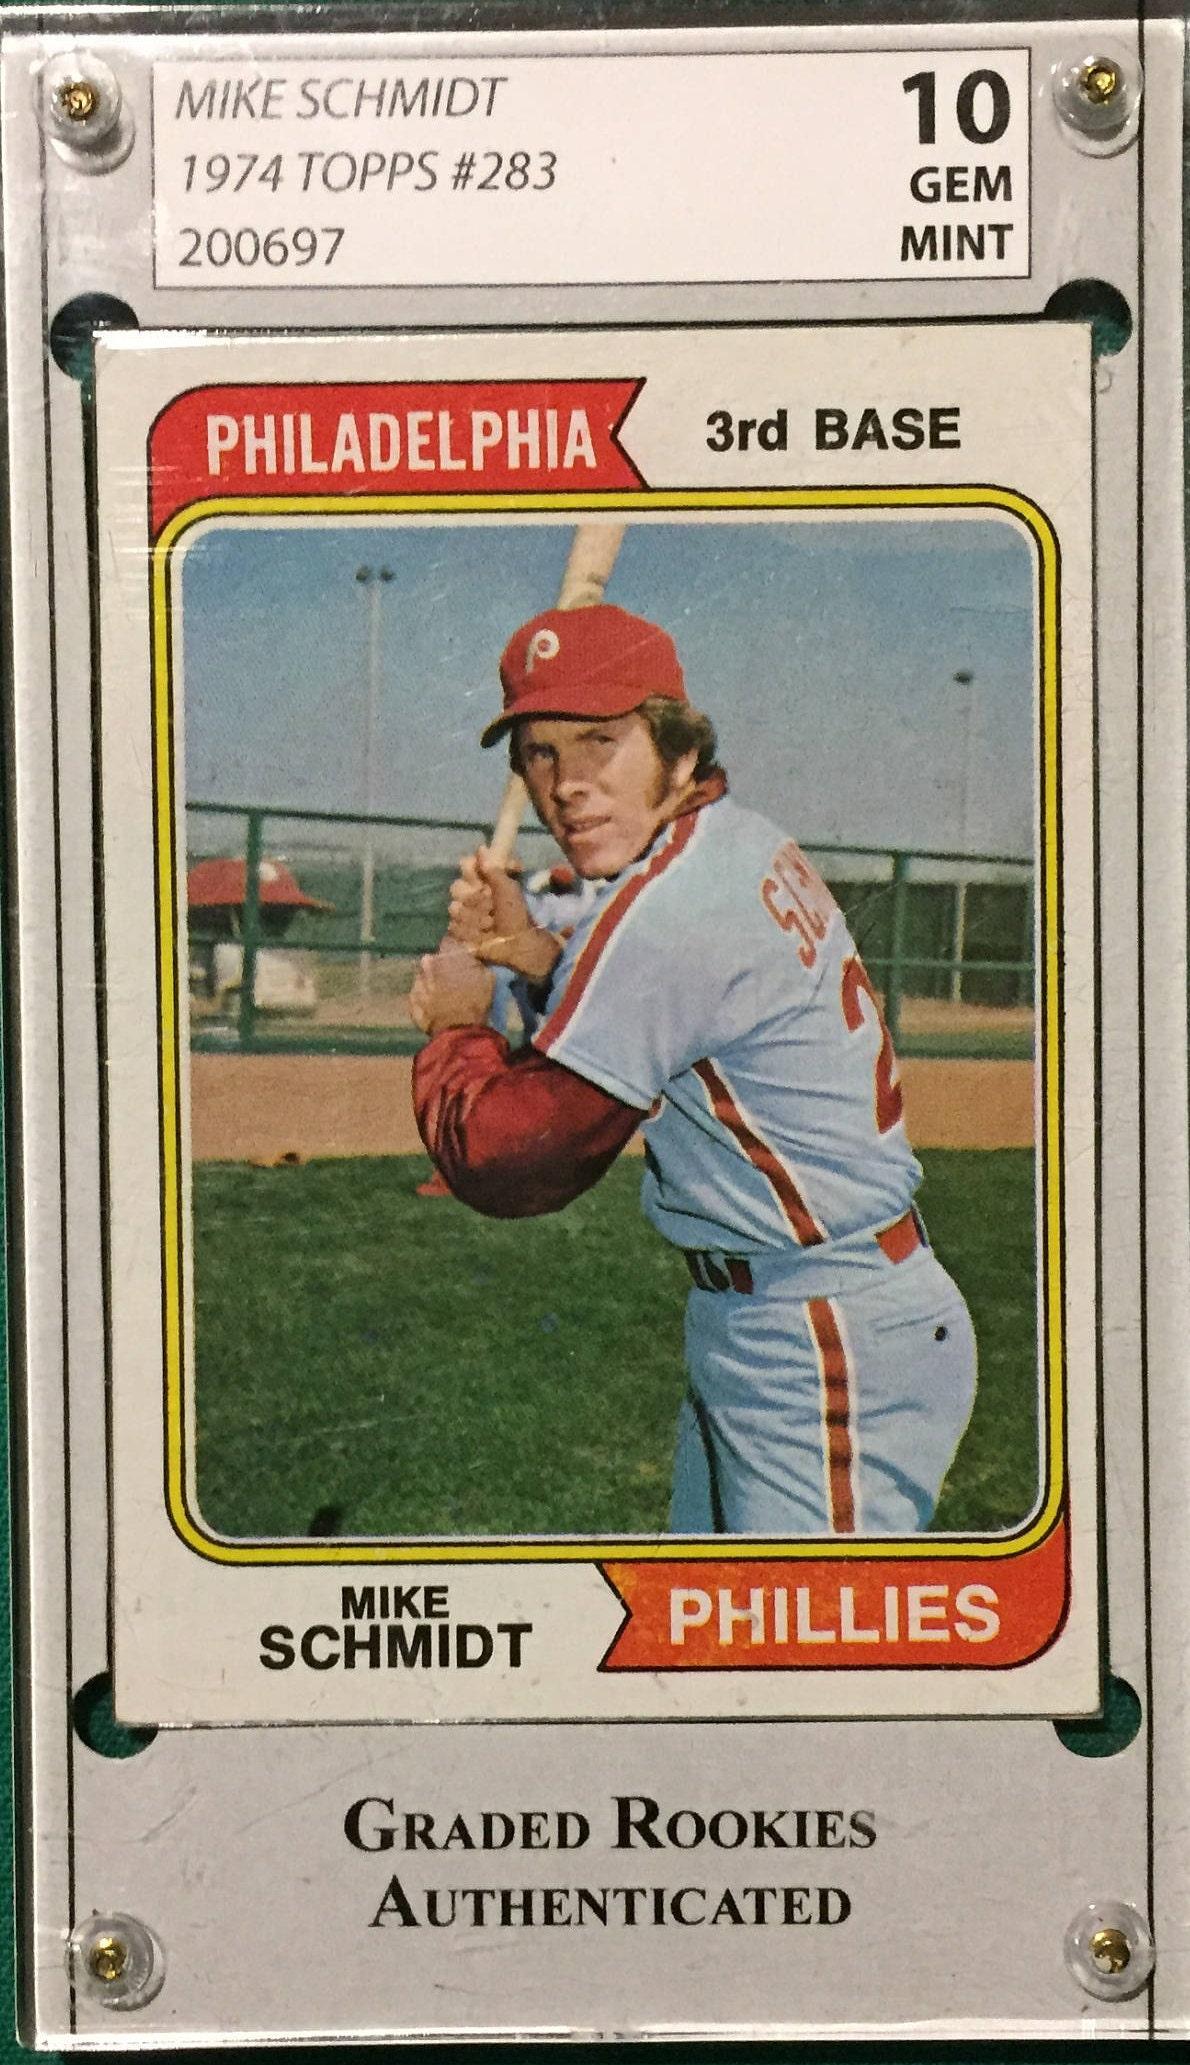 1974 Topps Mike Schmidt Philadelphia Phillies 283 Baseball Card Gem Mint 10